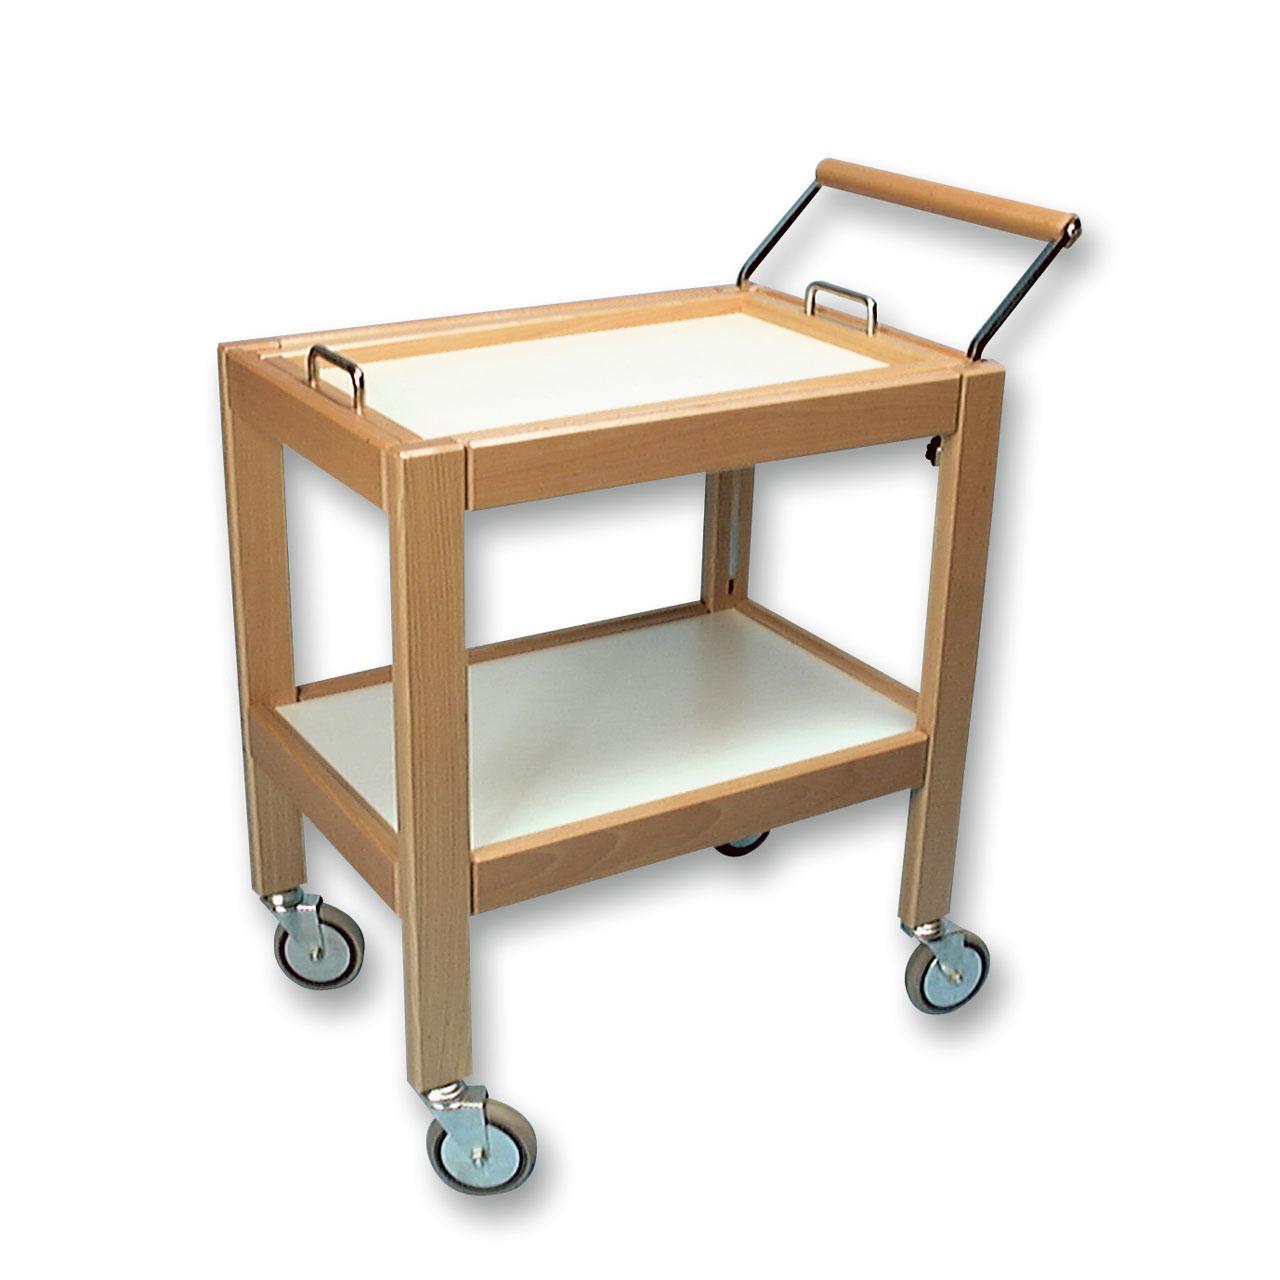 Hj u00e6lpemiddelbasen Bakkebord med hjul fra Seniorland